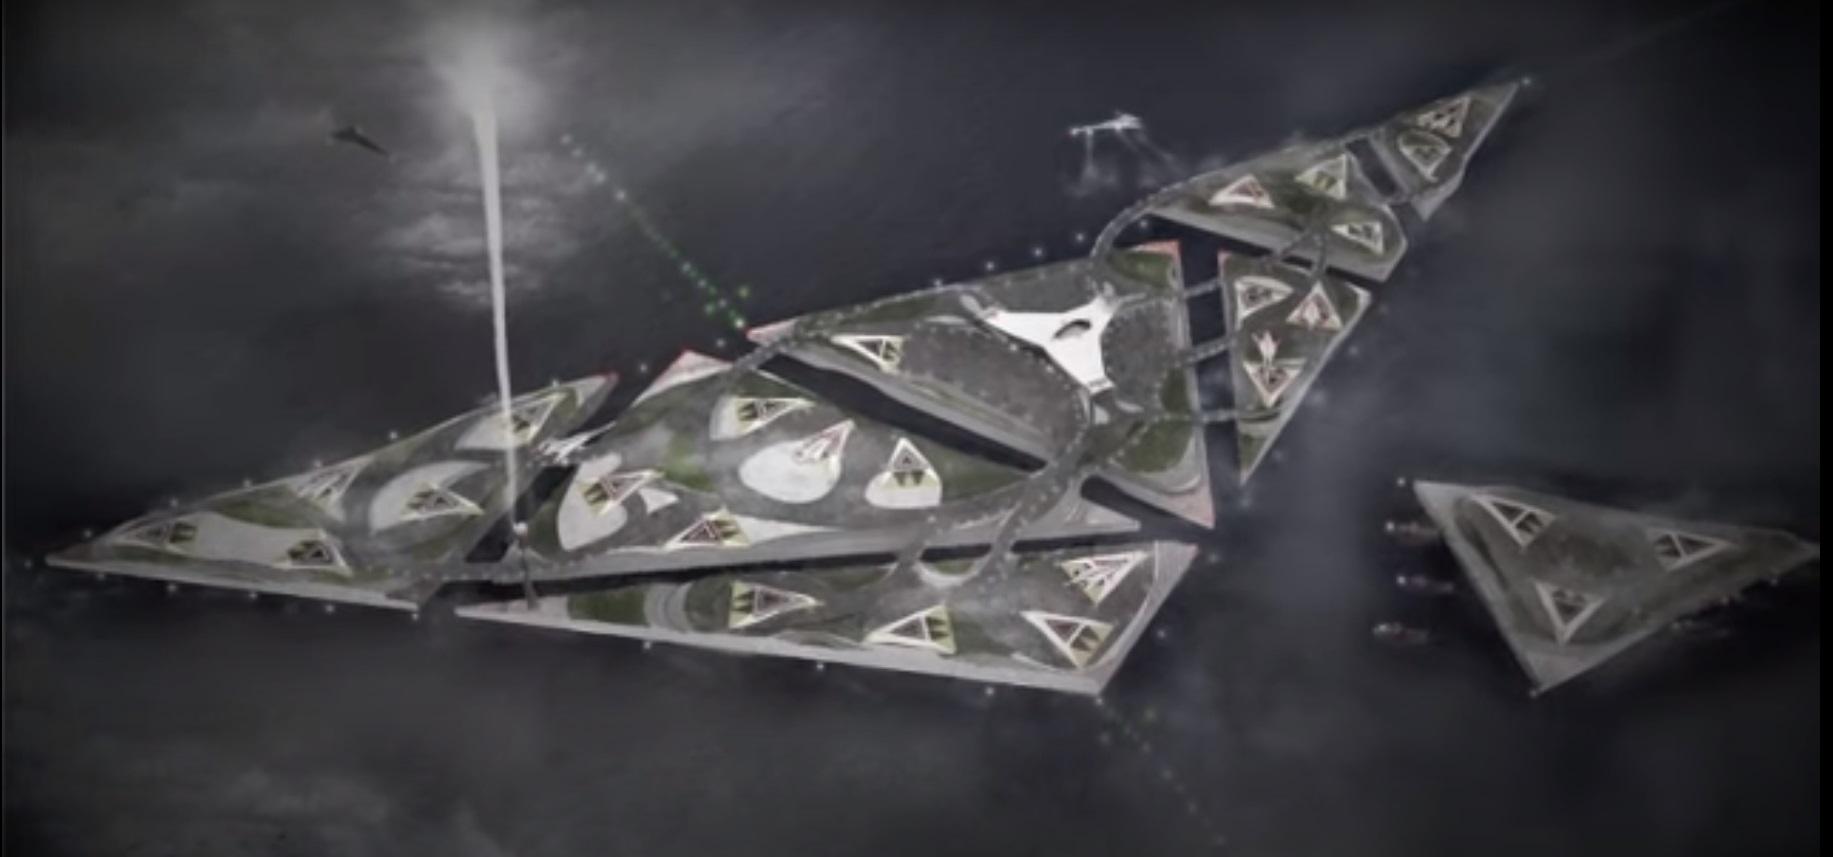 futuristic airport designs delta